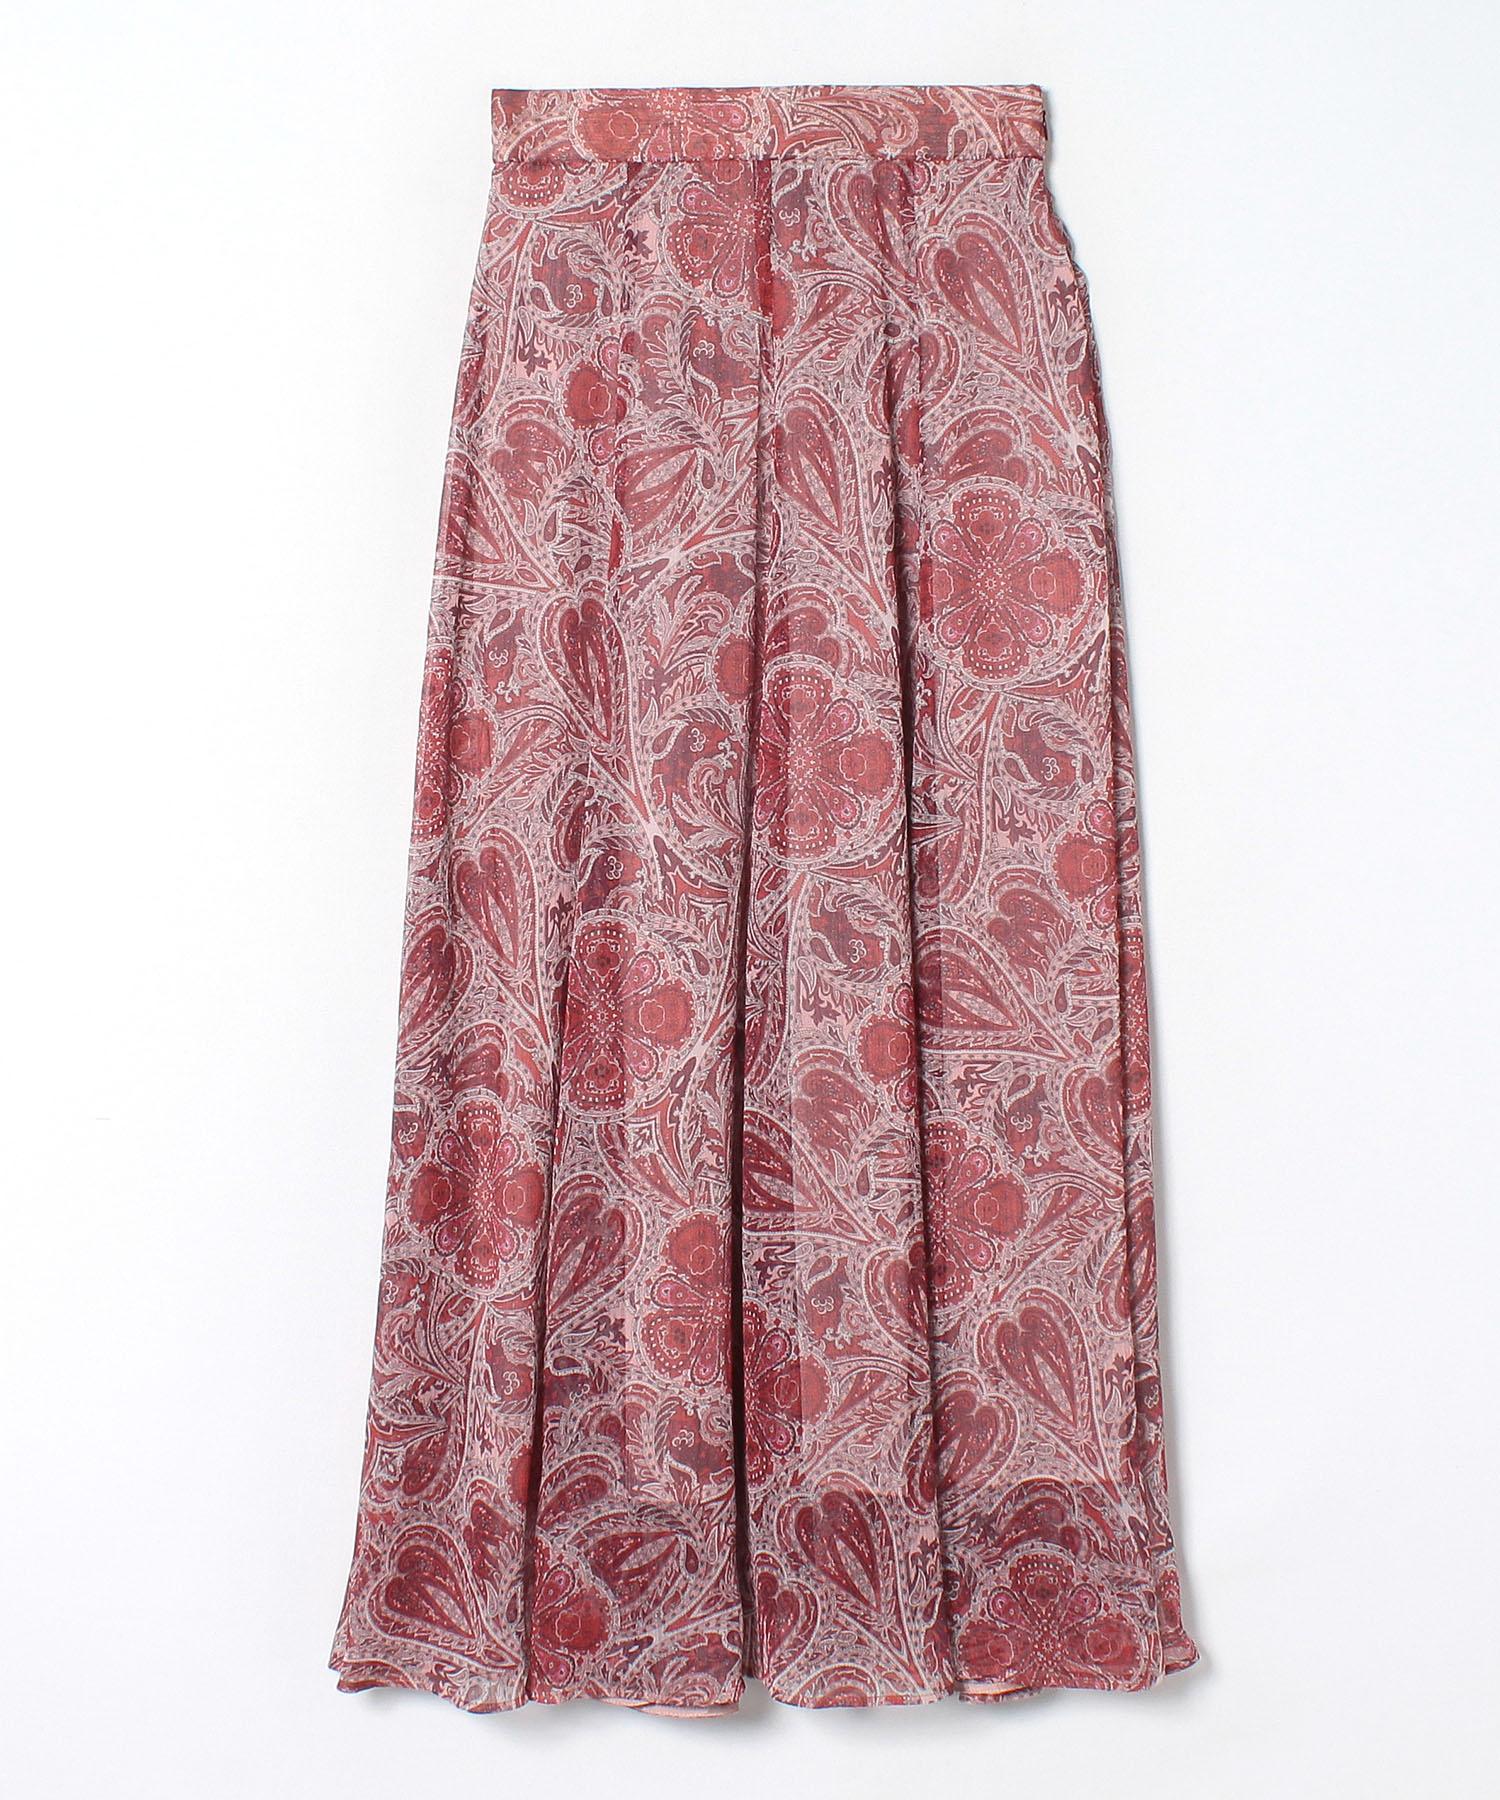 ヨーリューペイズリープリントマキシスカート